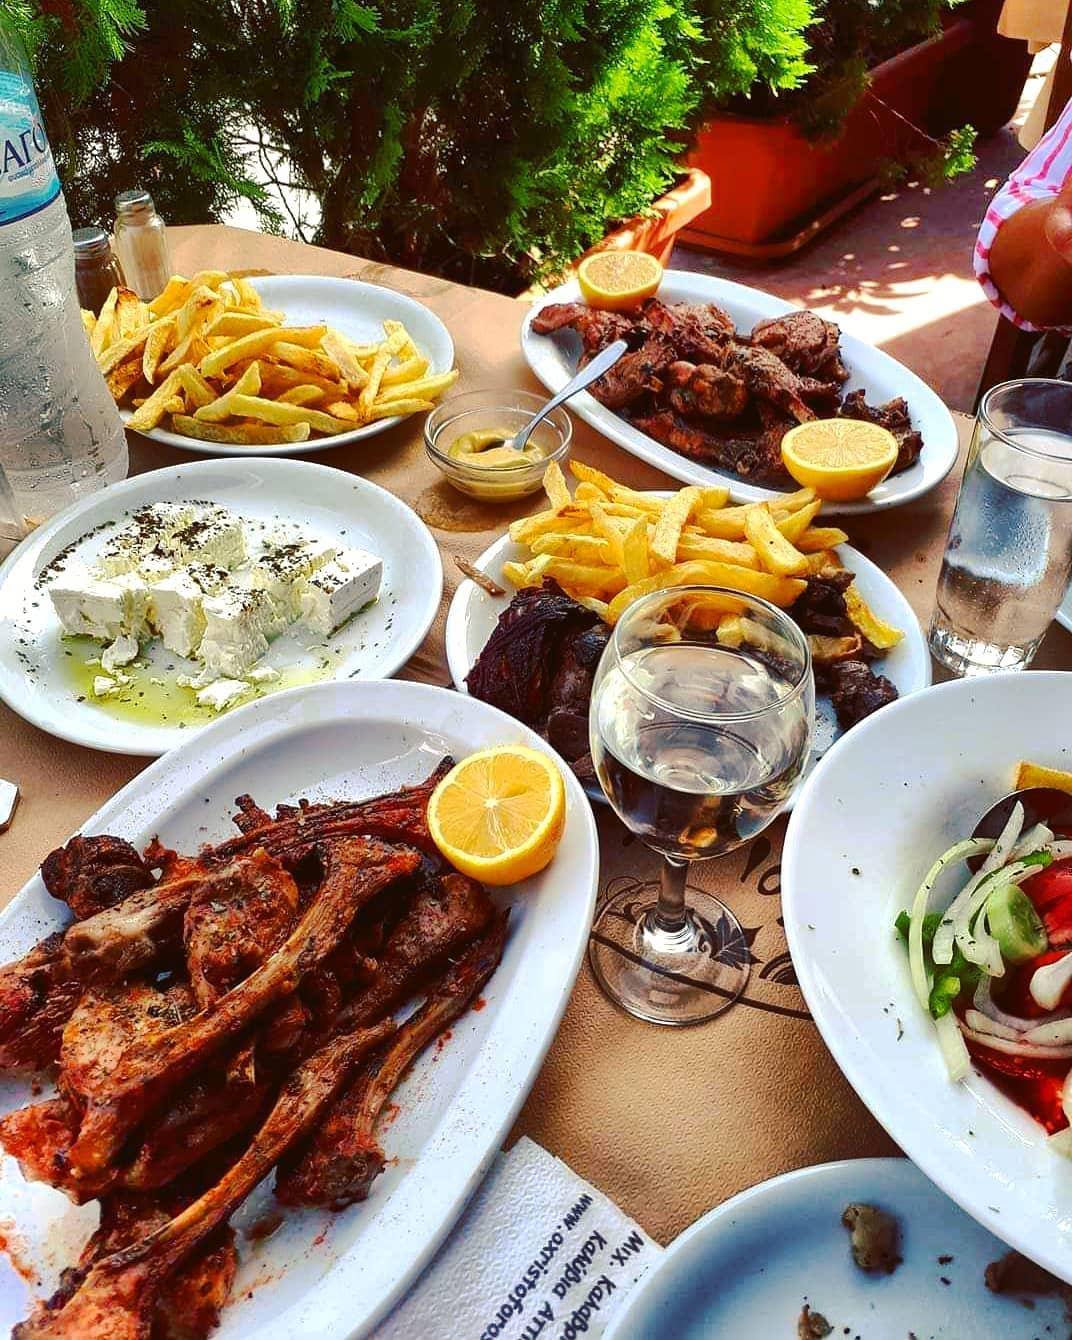 Χριστόφορος: Τεράστιες μερίδες, ποιοτικό κρέας, χαμηλές τιμές σε μια από τις πιο διάσημες ταβέρνες της Ελλάδας